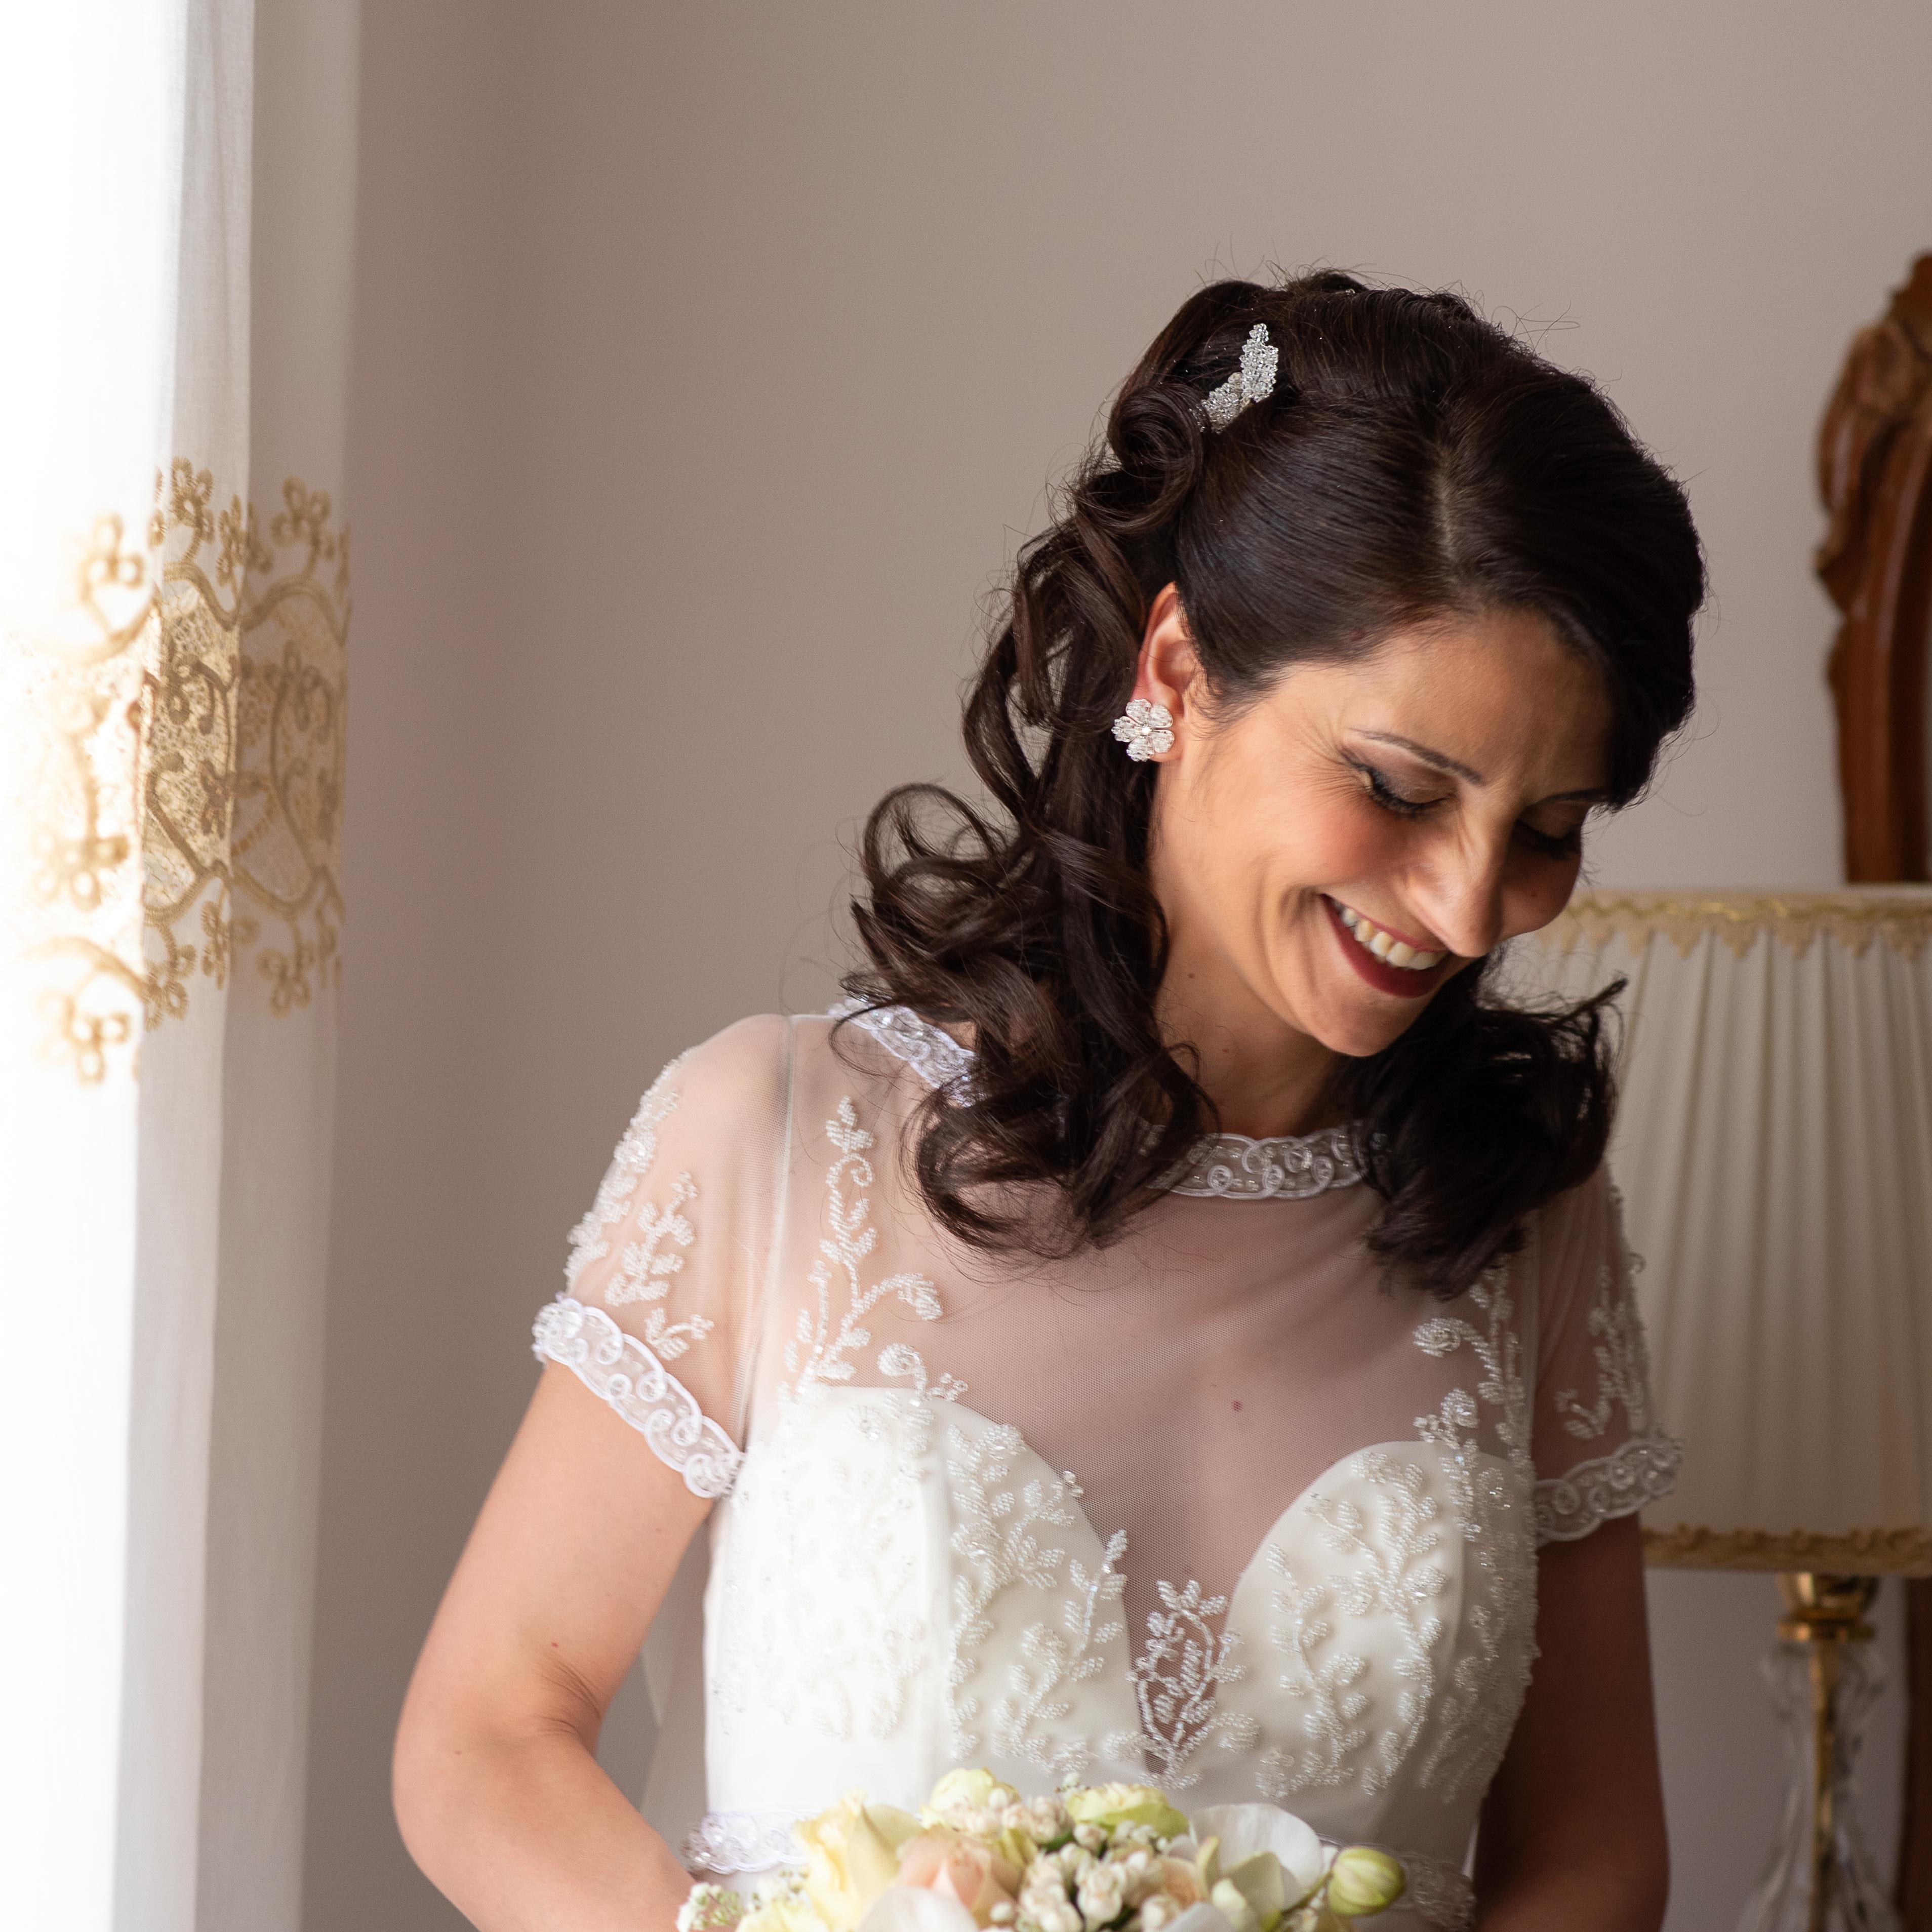 foto-per-home-page-cerimonia-in-stile